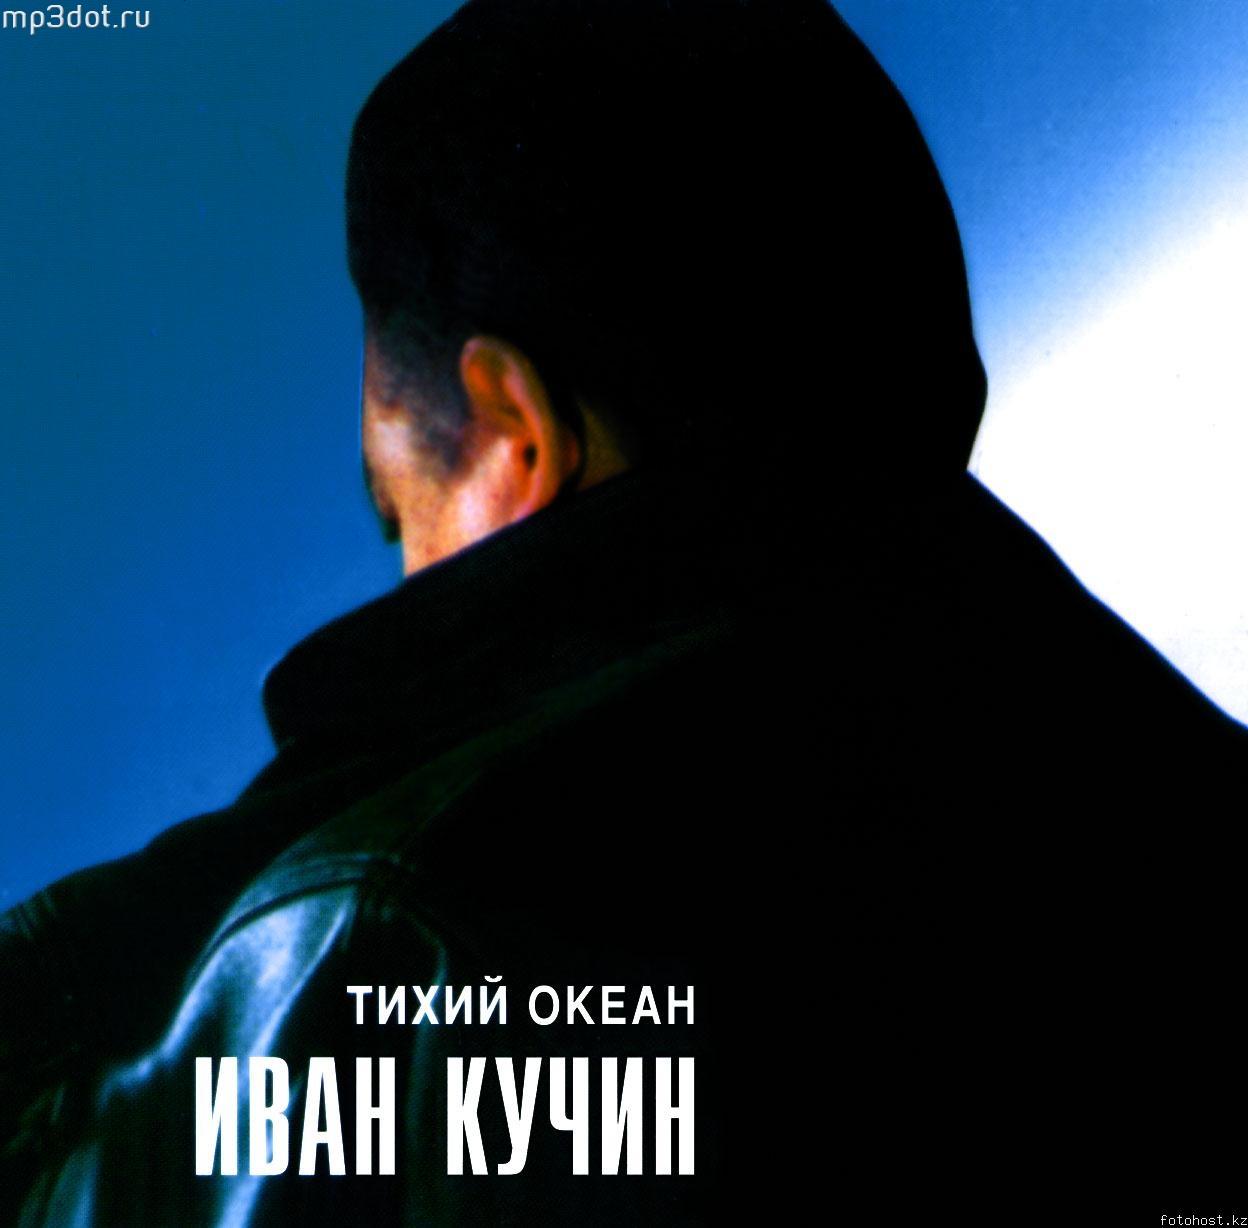 ПЕСНИ КУЧИНА ТИХИЙ ОКЕАН СКАЧАТЬ БЕСПЛАТНО